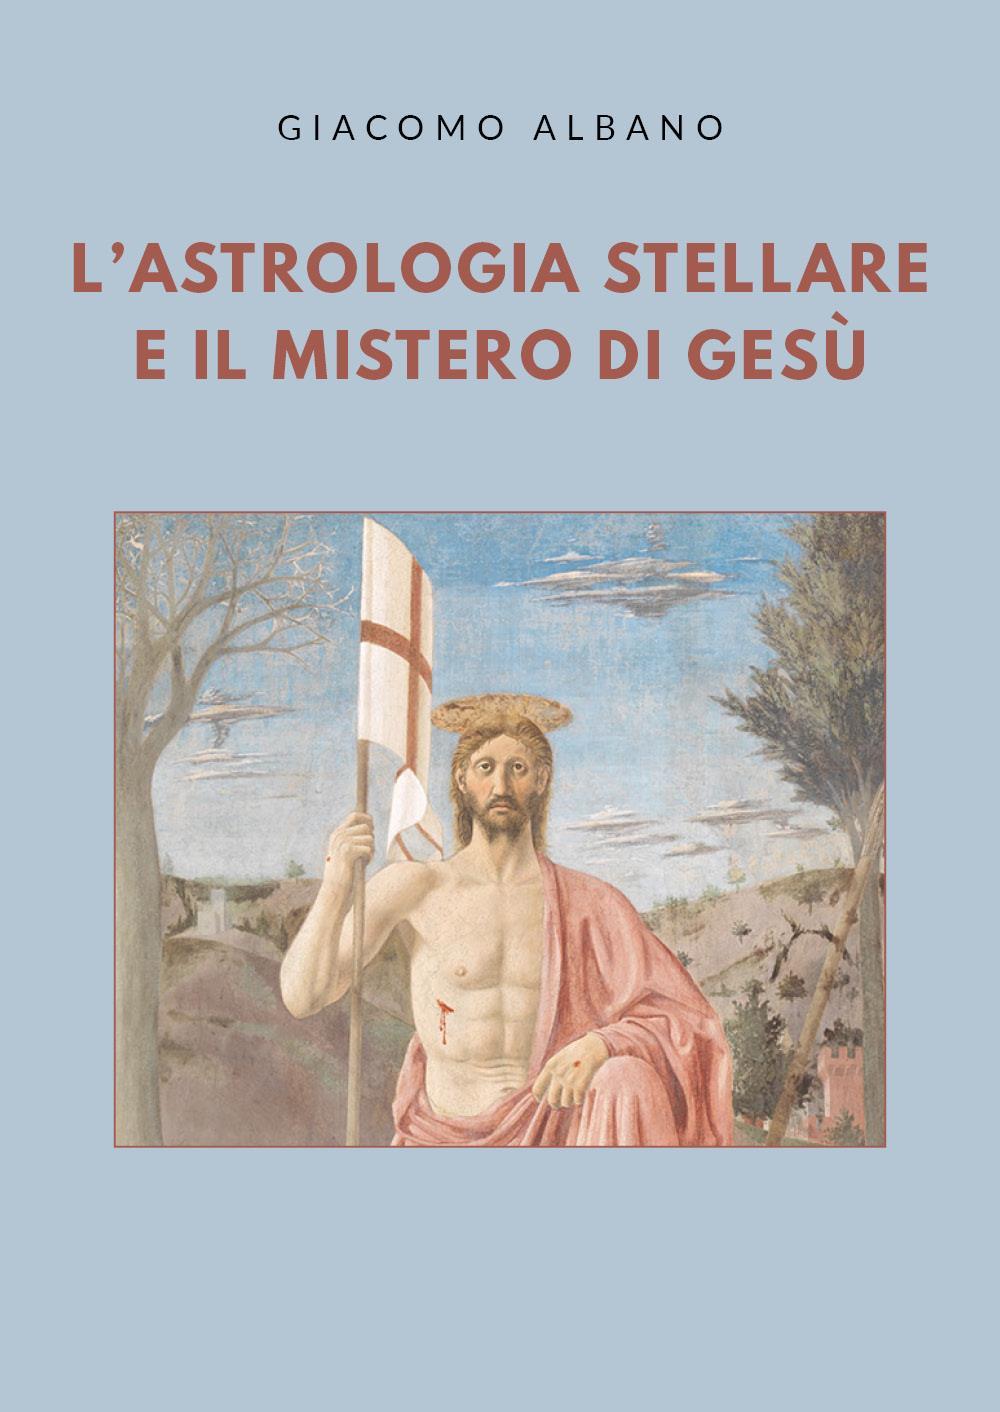 L'astrologia stellare e il mistero di Gesù